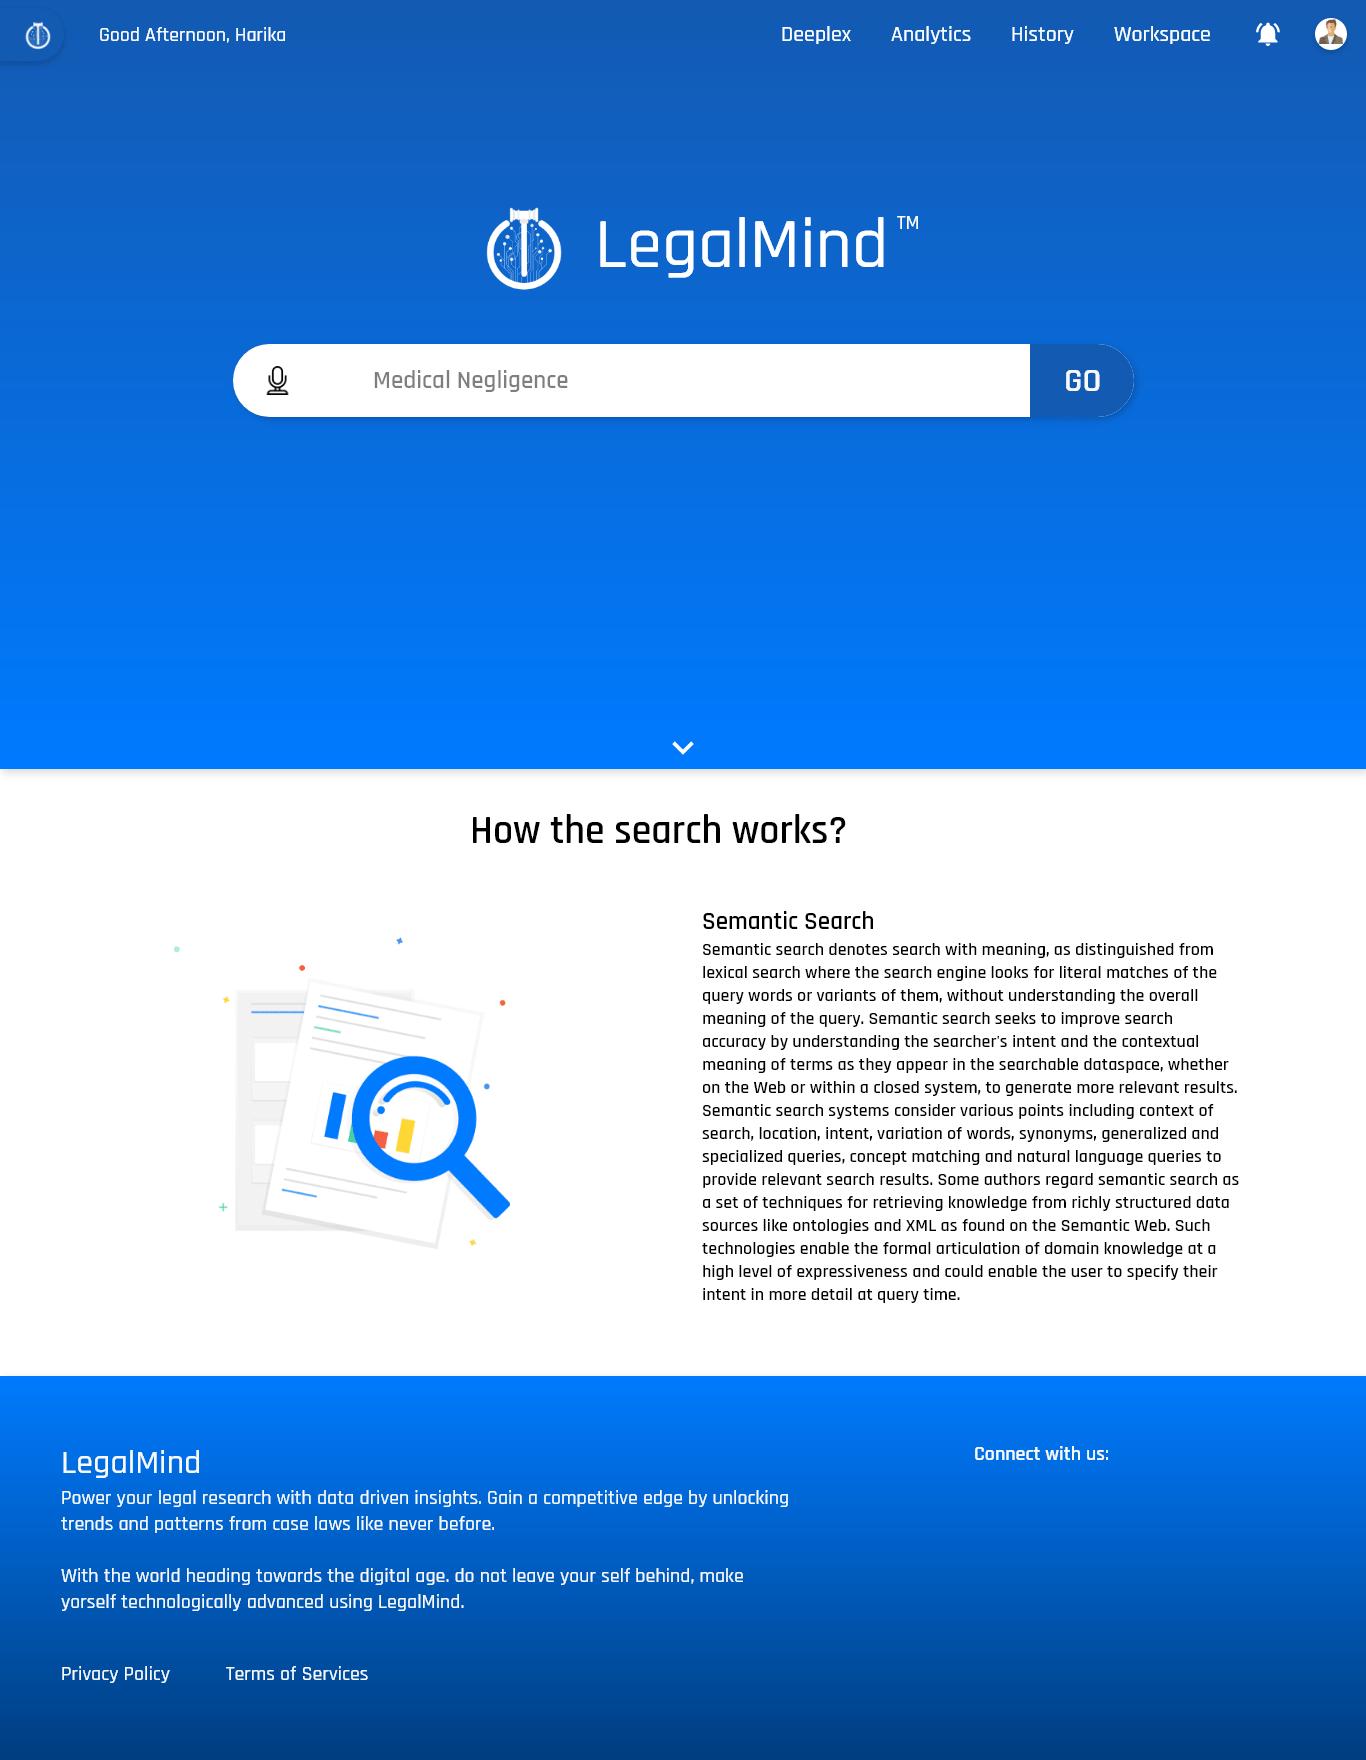 LegalMind